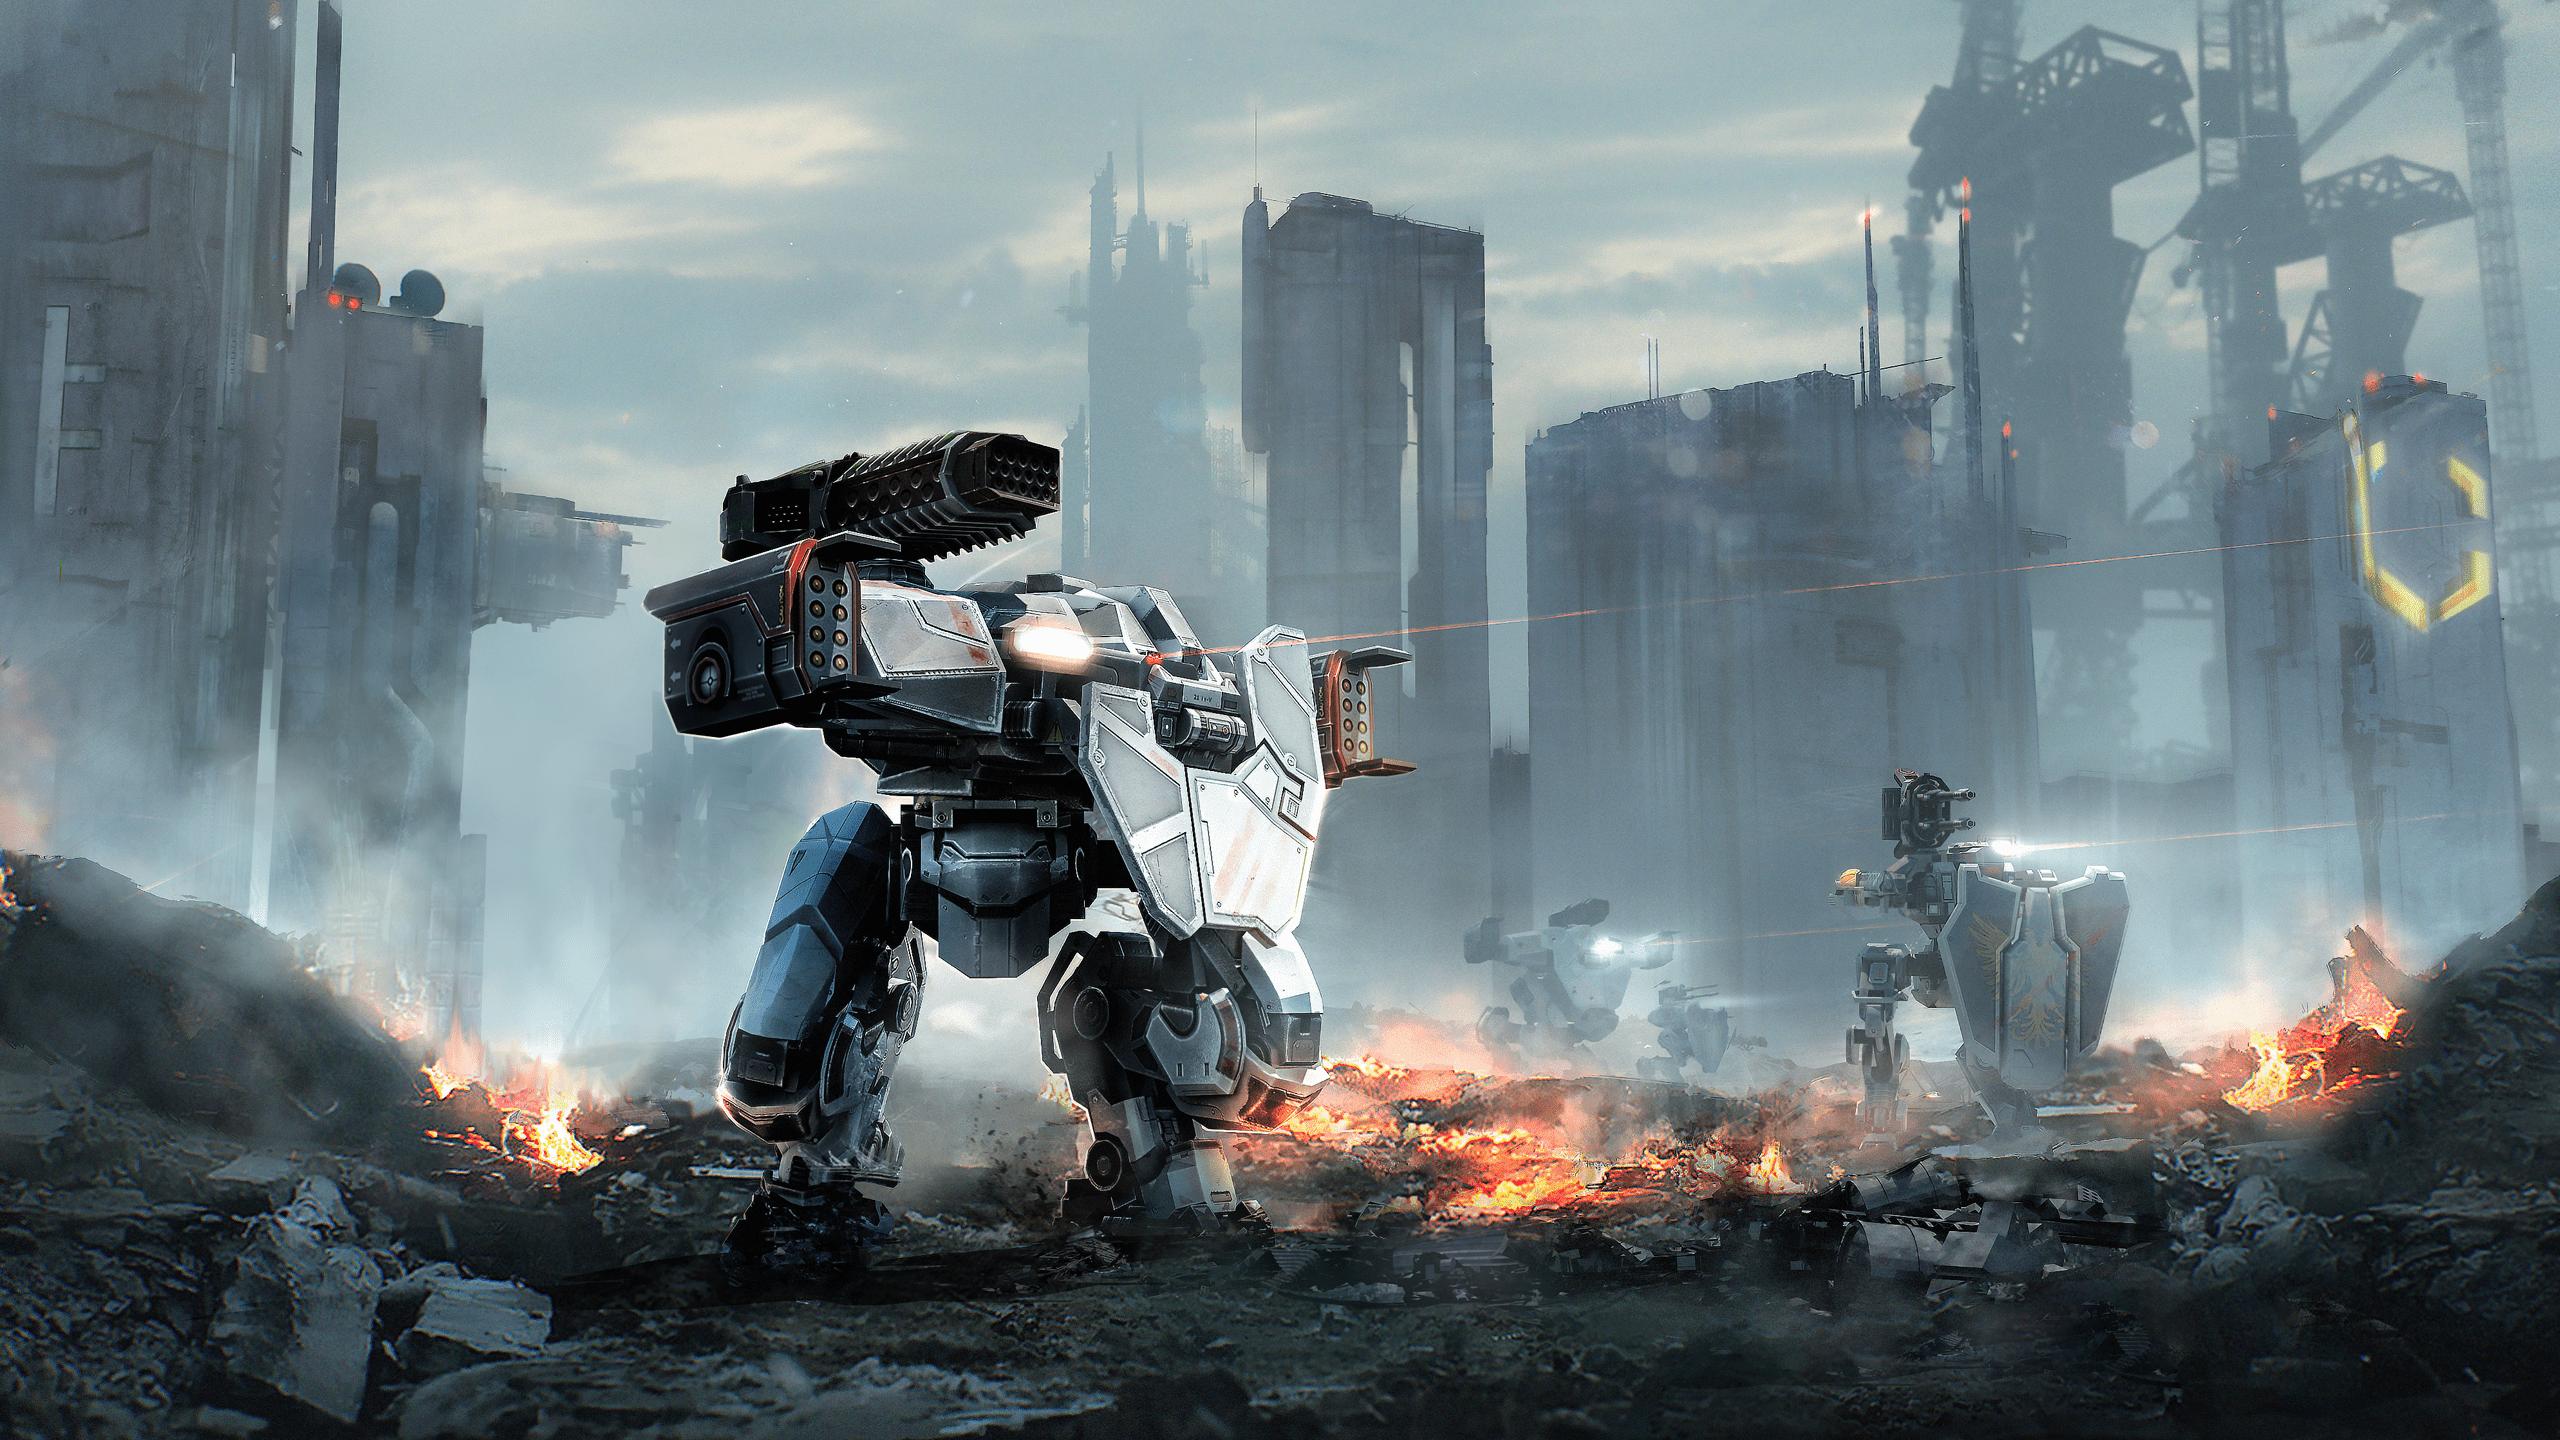 War Robots Wallpapers Top Free War Robots Backgrounds Wallpaperaccess